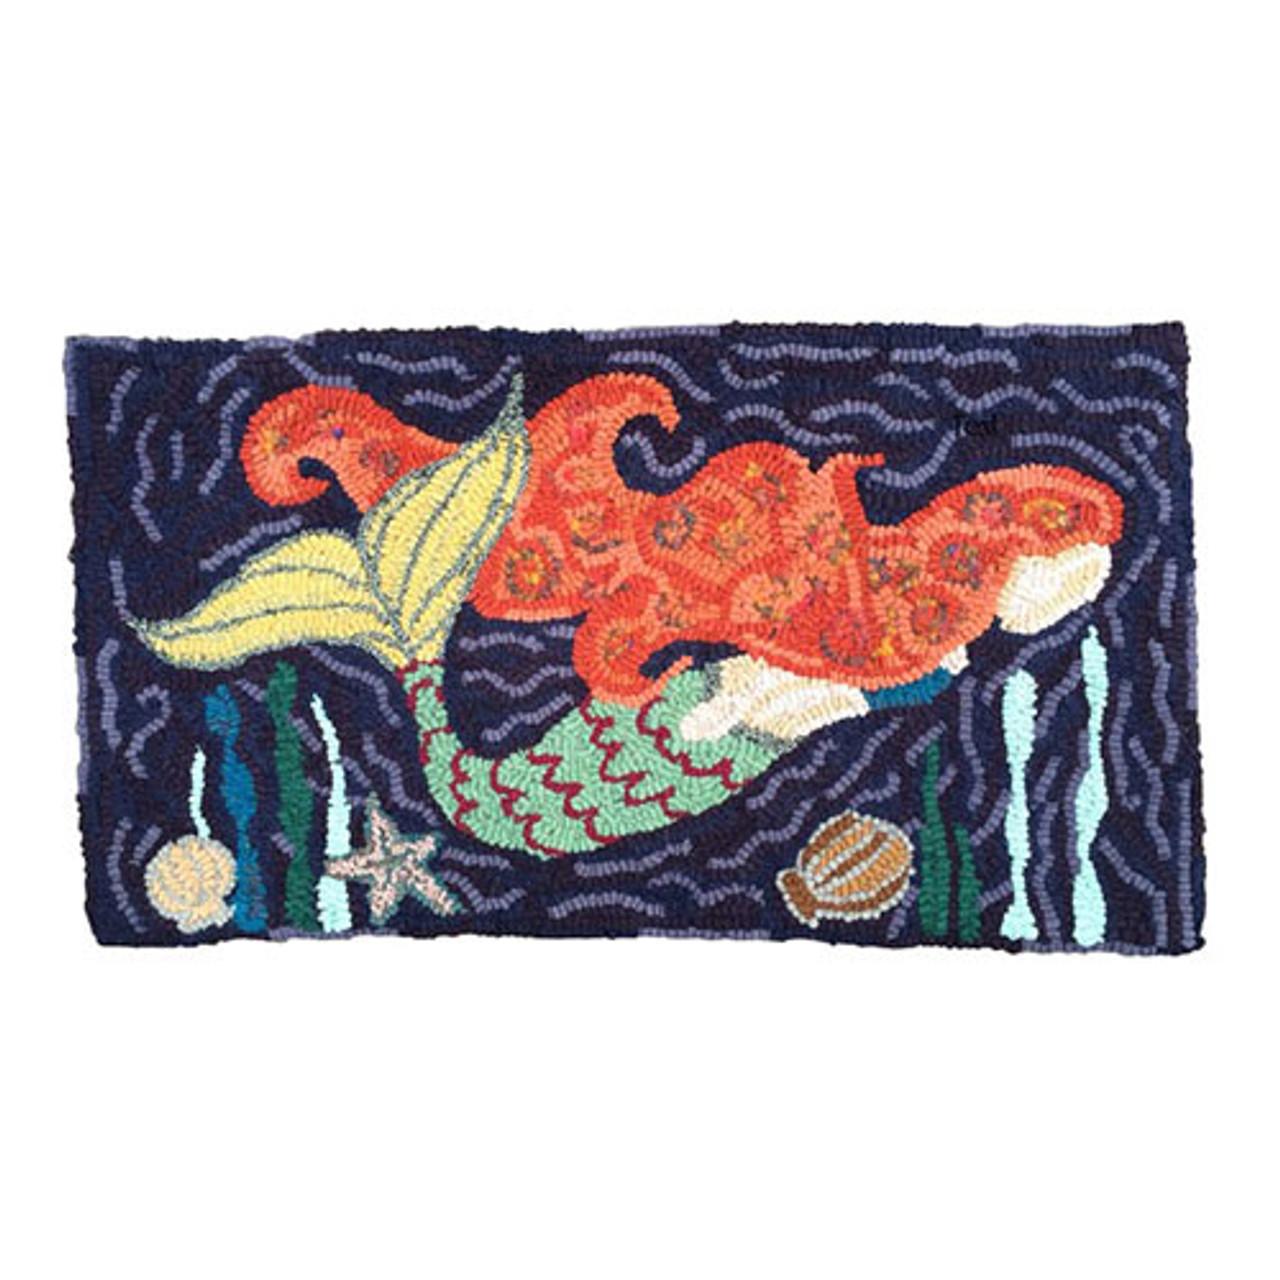 Rug Hooking Kit Deep Sea Mermaid